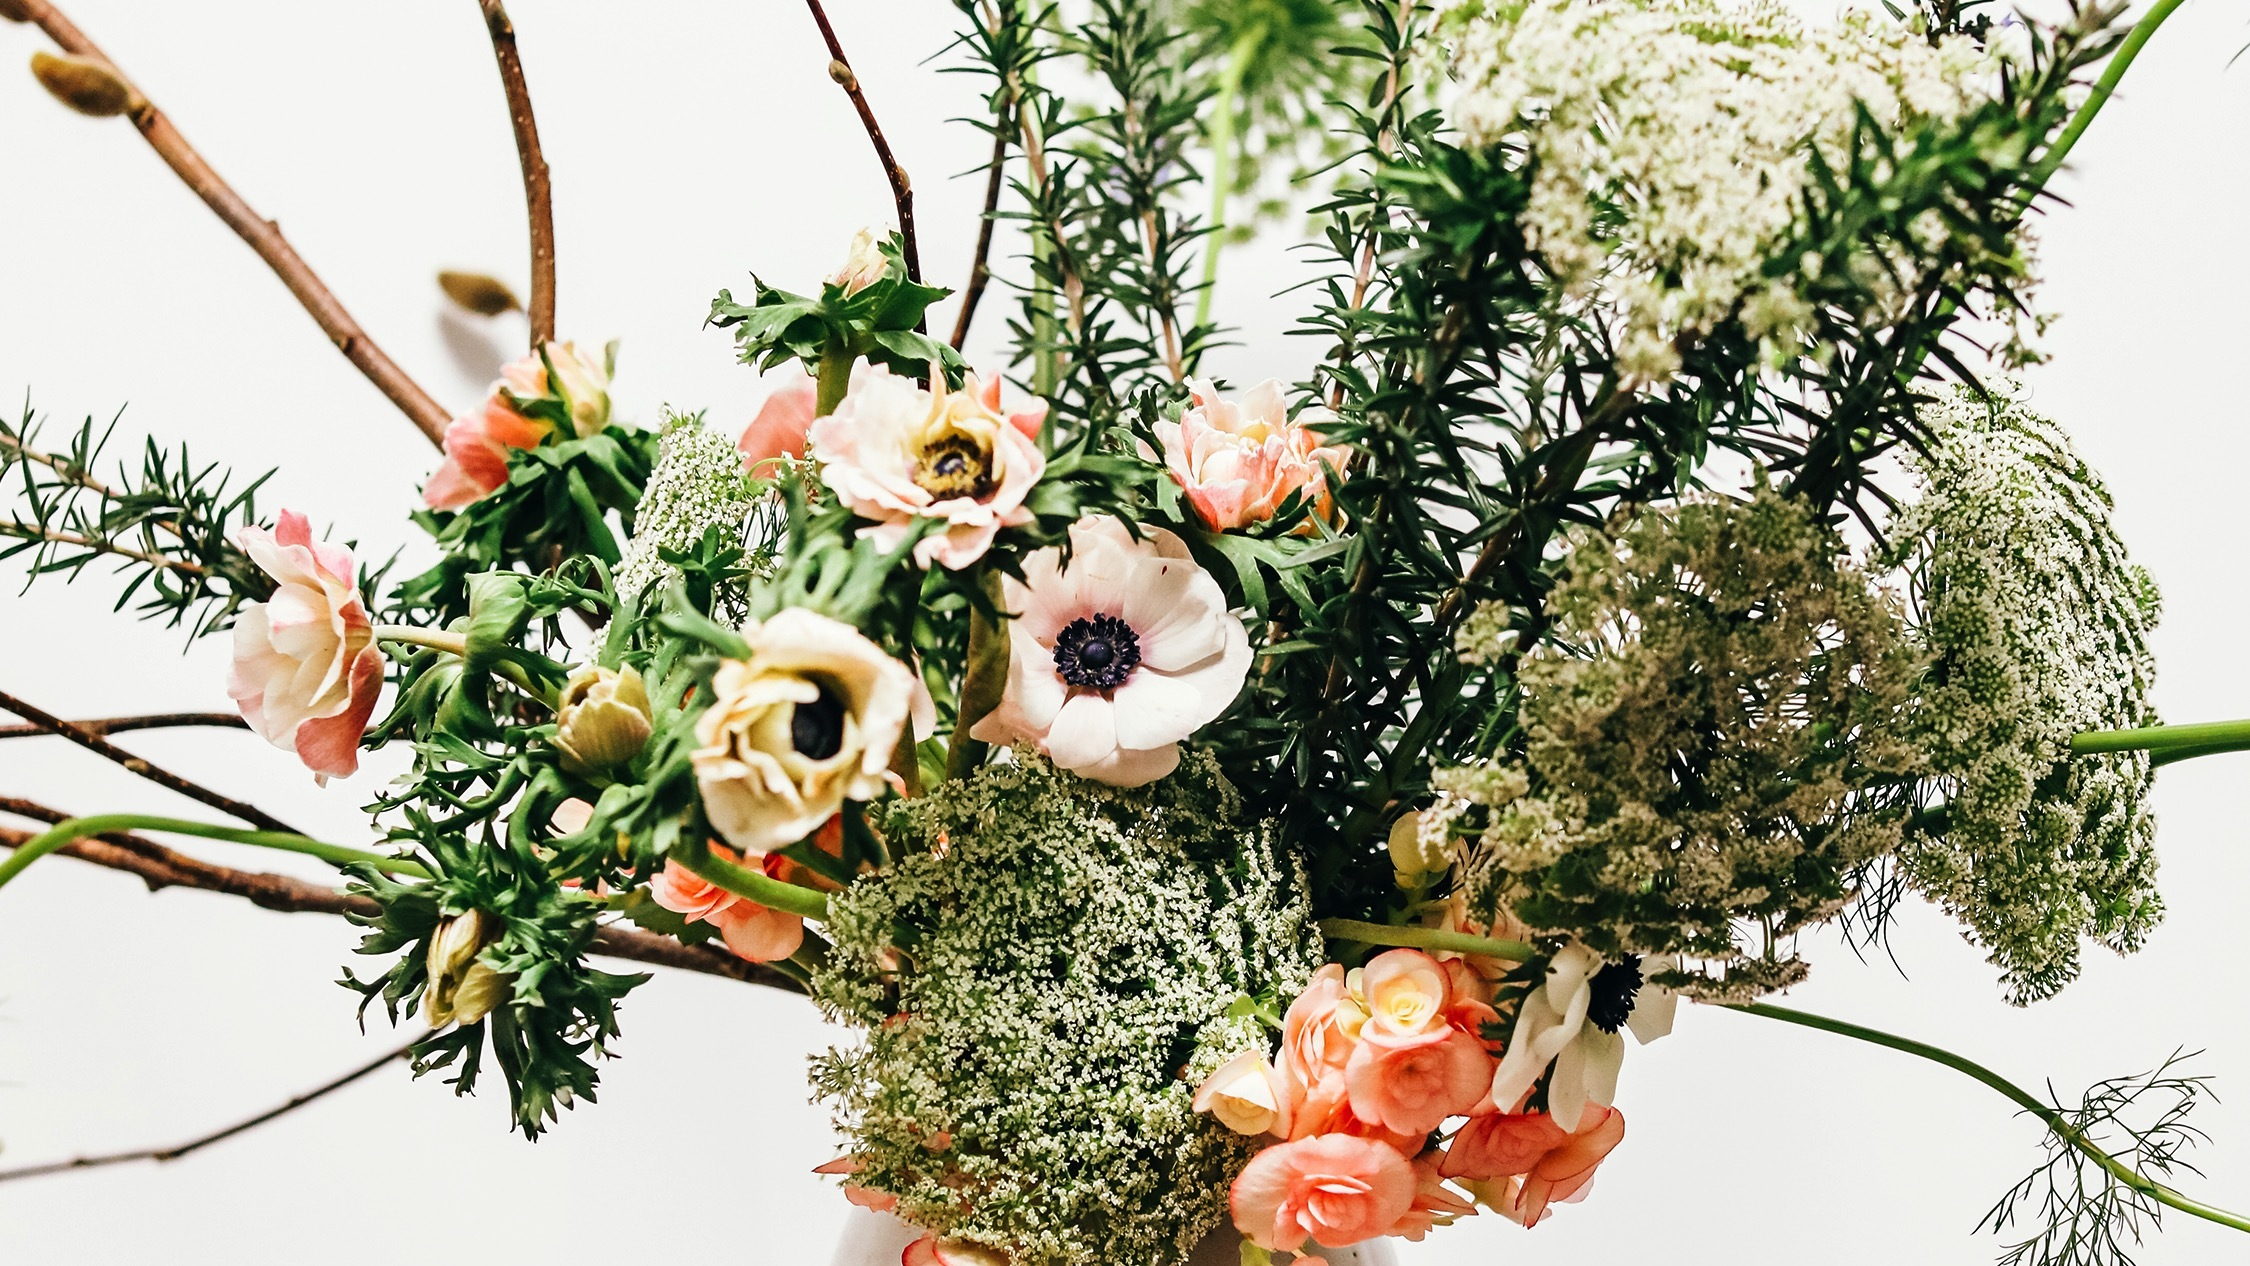 Boquet of flowers at Floreat florist